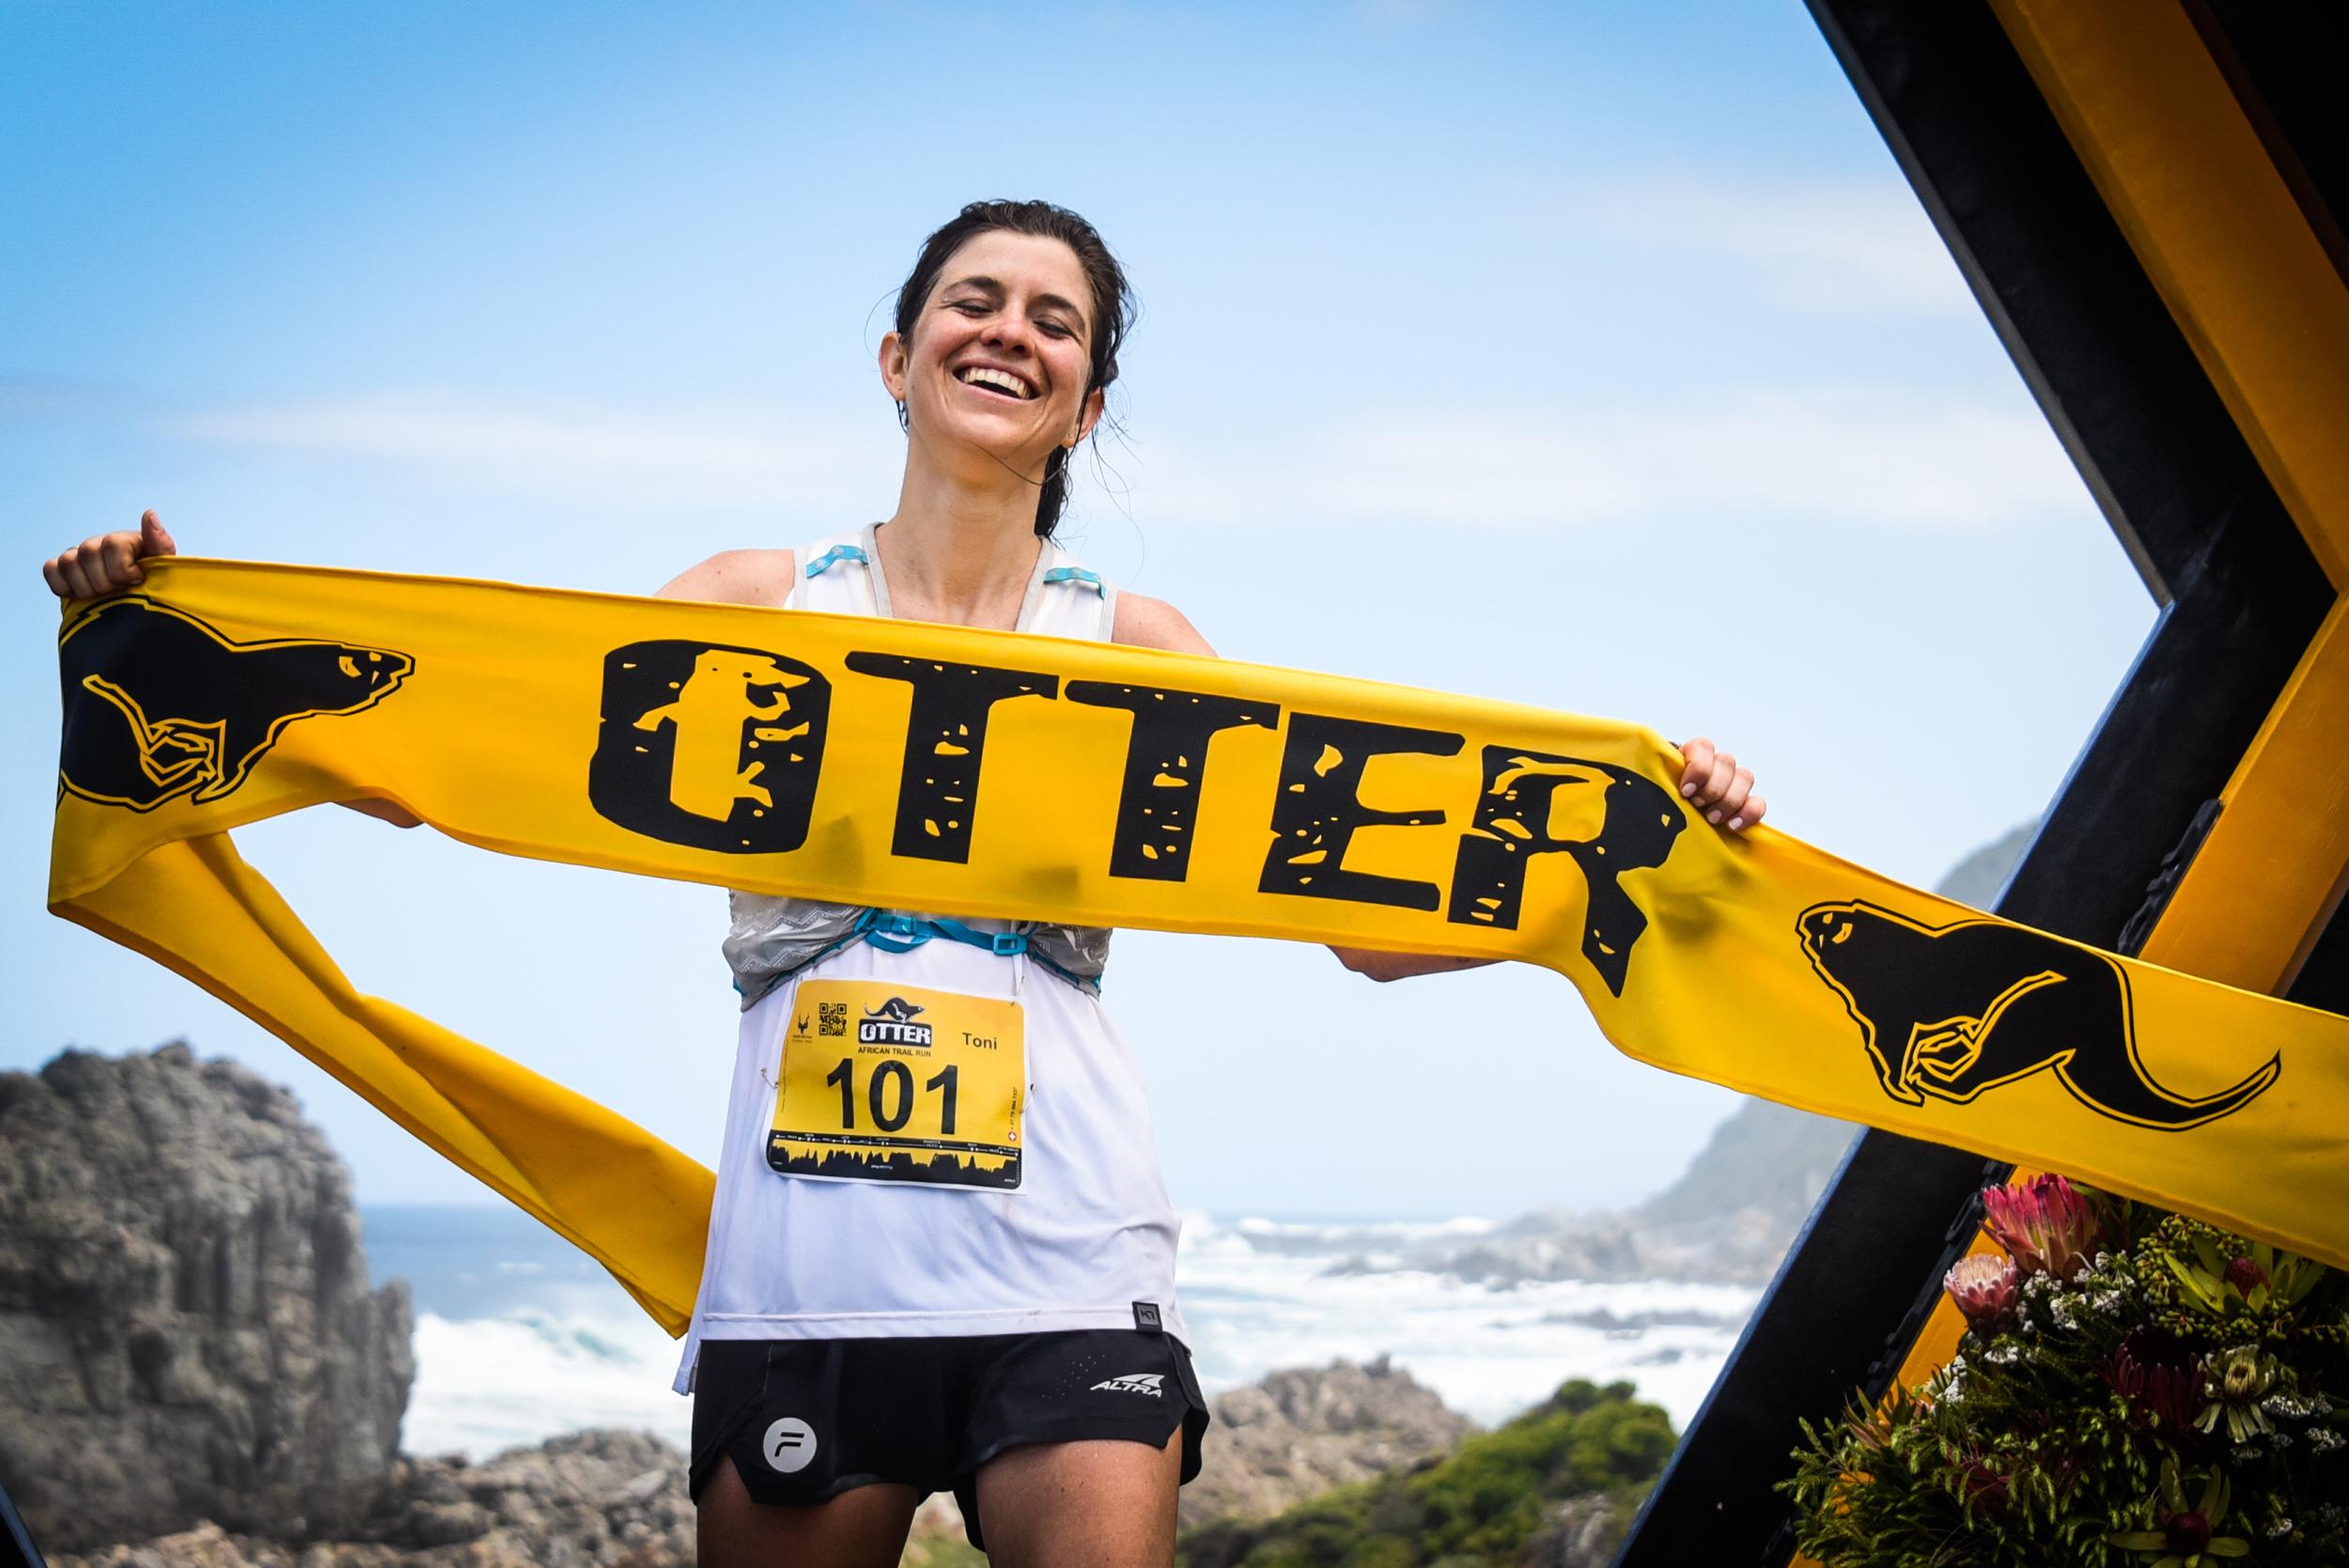 Toni McCann wins Otter 2020